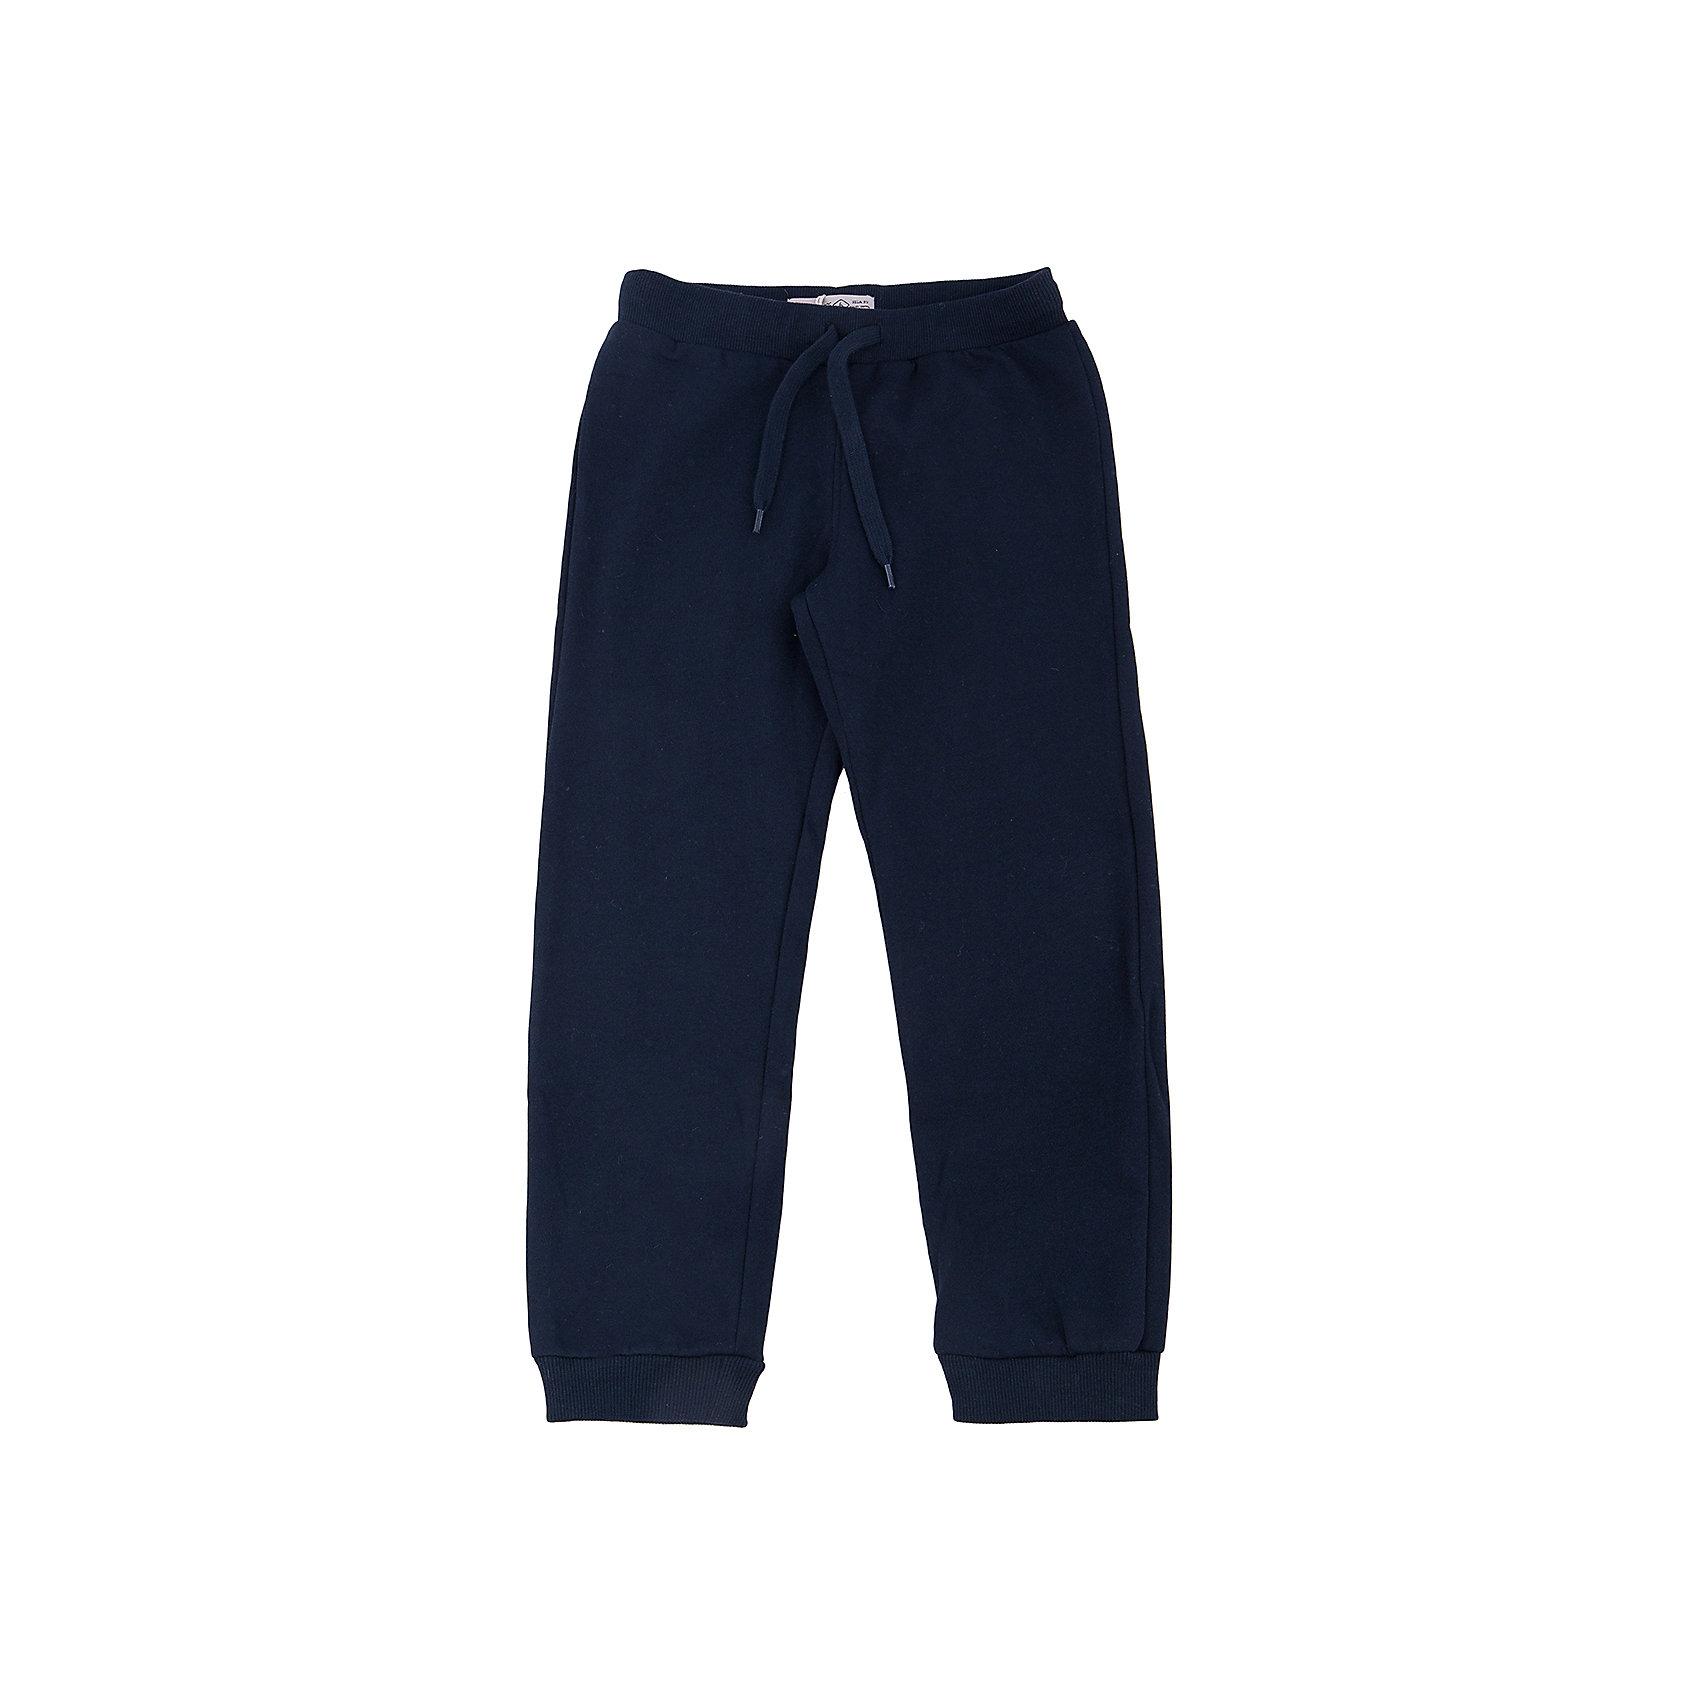 Брюки для мальчика SELAСпортивные брюки - незаменимая вещь в детском гардеробе. Эта модель отлично сидит на ребенке, она сшита из приятного на ощупь материала, который обеспечивает ребенку комфорт. Модель станет отличной базовой вещью, которая будет уместна в различных сочетаниях.<br>Одежда от бренда Sela (Села) - это качество по приемлемым ценам. Многие российские родители уже оценили преимущества продукции этой компании и всё чаще приобретают одежду и аксессуары Sela.<br><br>Дополнительная информация:<br><br>материал: 60% хлопок, 40% ПЭ;<br>удобная посадка;<br>резинка и шнурок в поясе.<br><br>Брюки для мальчика от бренда Sela можно купить в нашем интернет-магазине.<br><br>Ширина мм: 215<br>Глубина мм: 88<br>Высота мм: 191<br>Вес г: 336<br>Цвет: синий<br>Возраст от месяцев: 132<br>Возраст до месяцев: 144<br>Пол: Мужской<br>Возраст: Детский<br>Размер: 152,140,134,128,122,116,146<br>SKU: 4919519